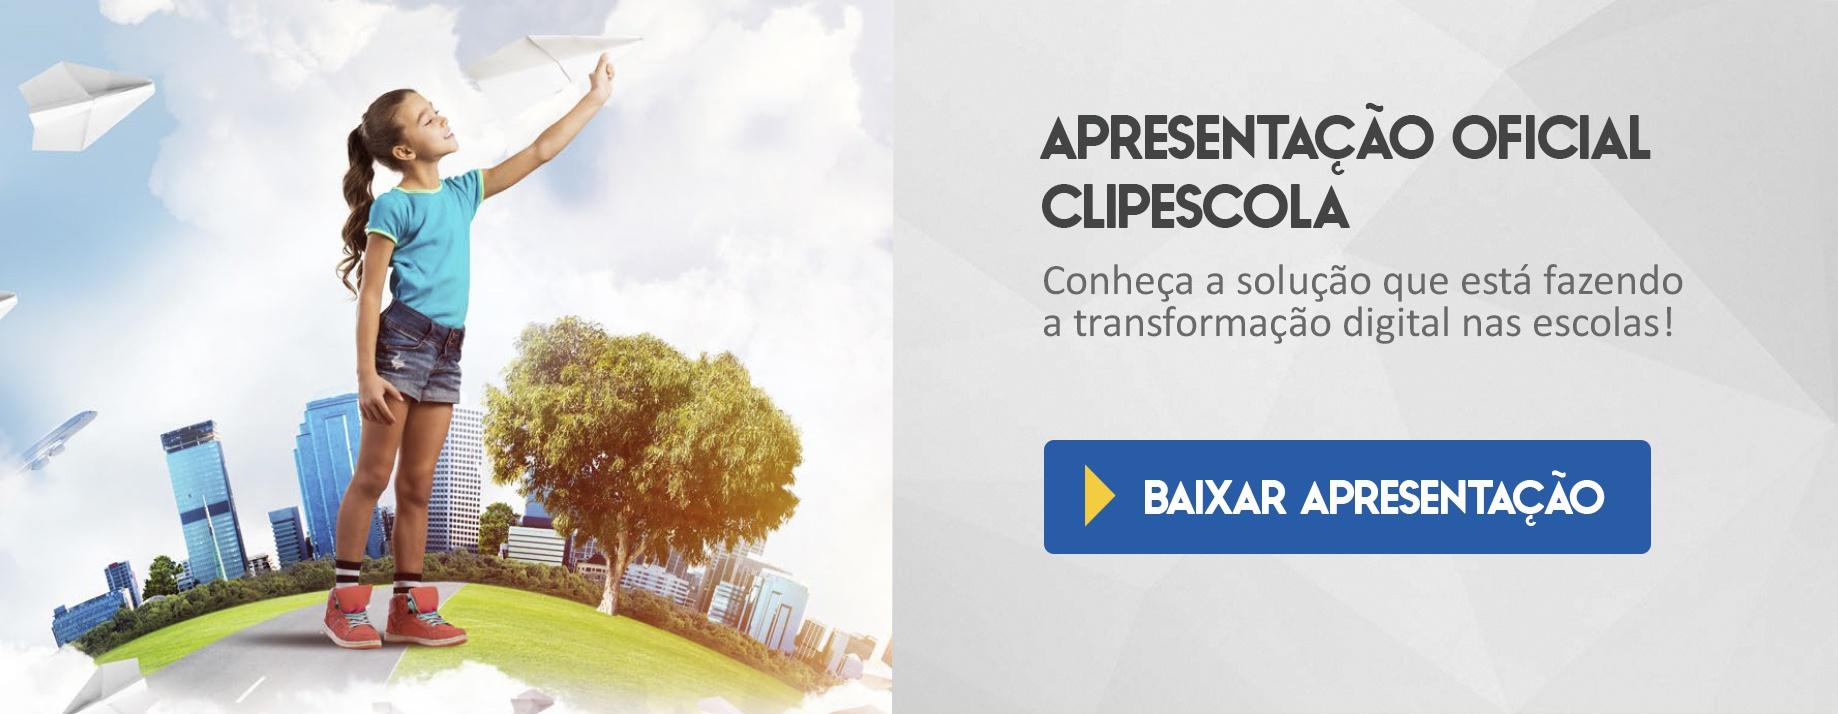 CTA Apresentação Oficial ClipEscola 2